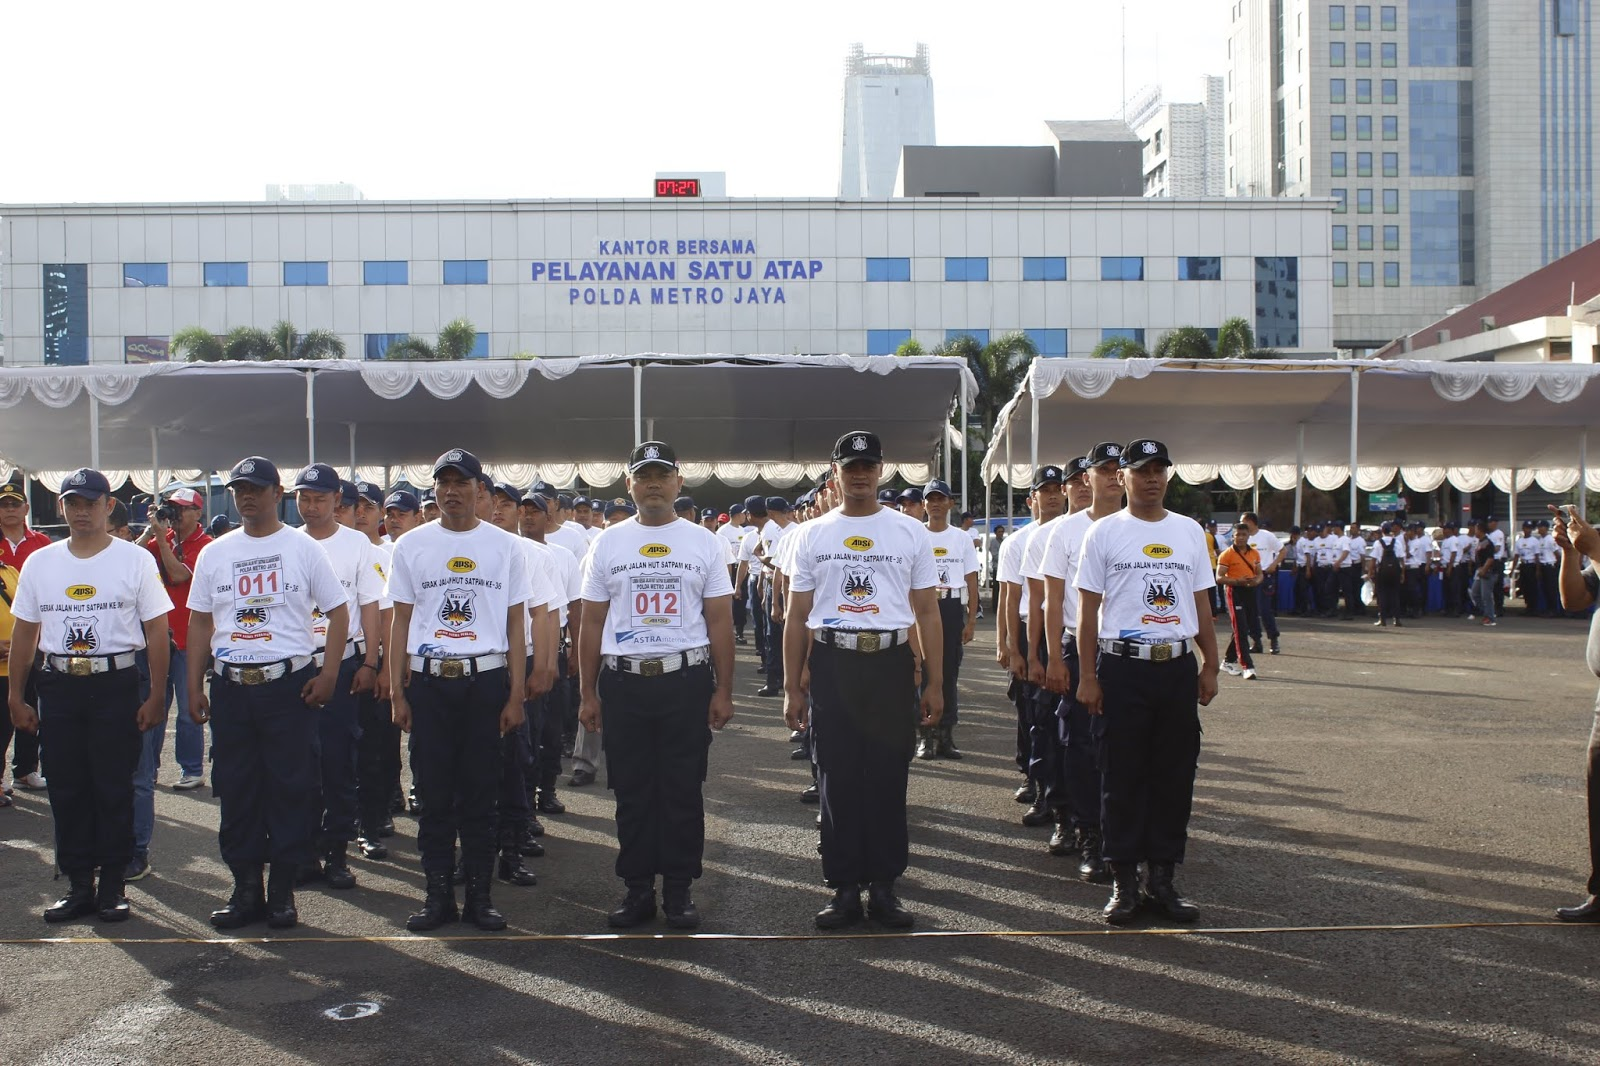 Informasi Lowongan Kerja Satpam Security Sopir Operator Produksi Magelang Mugkid Pati 2018